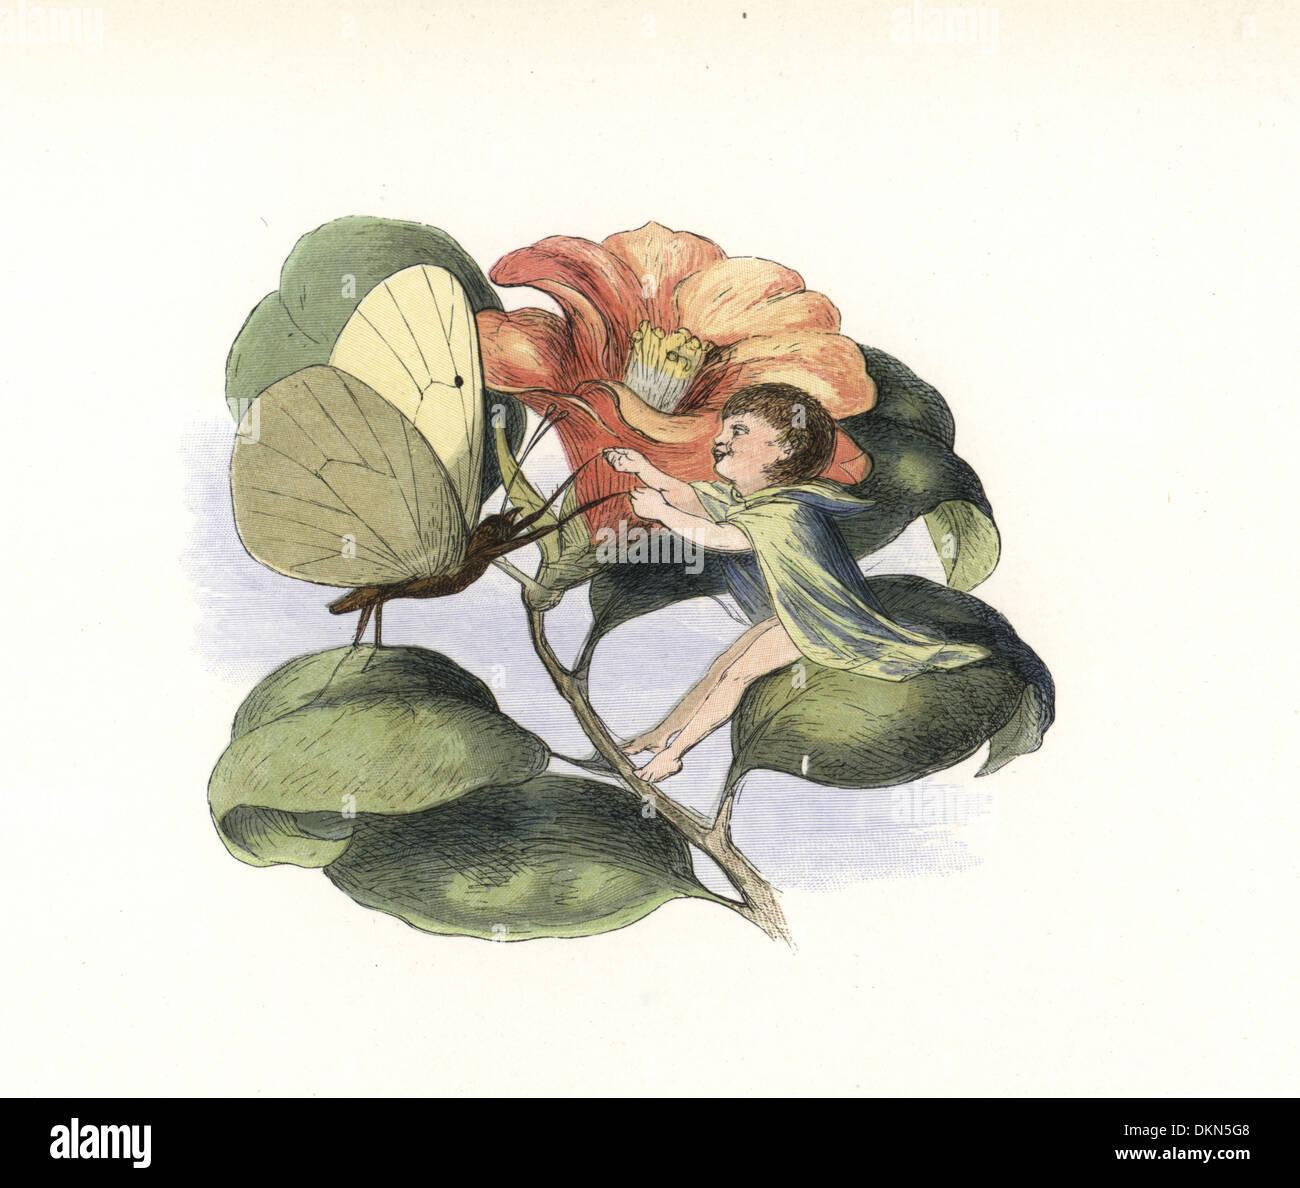 Fata e butterfly danza su un fiore di camelie, Camellia japonica. Immagini Stock